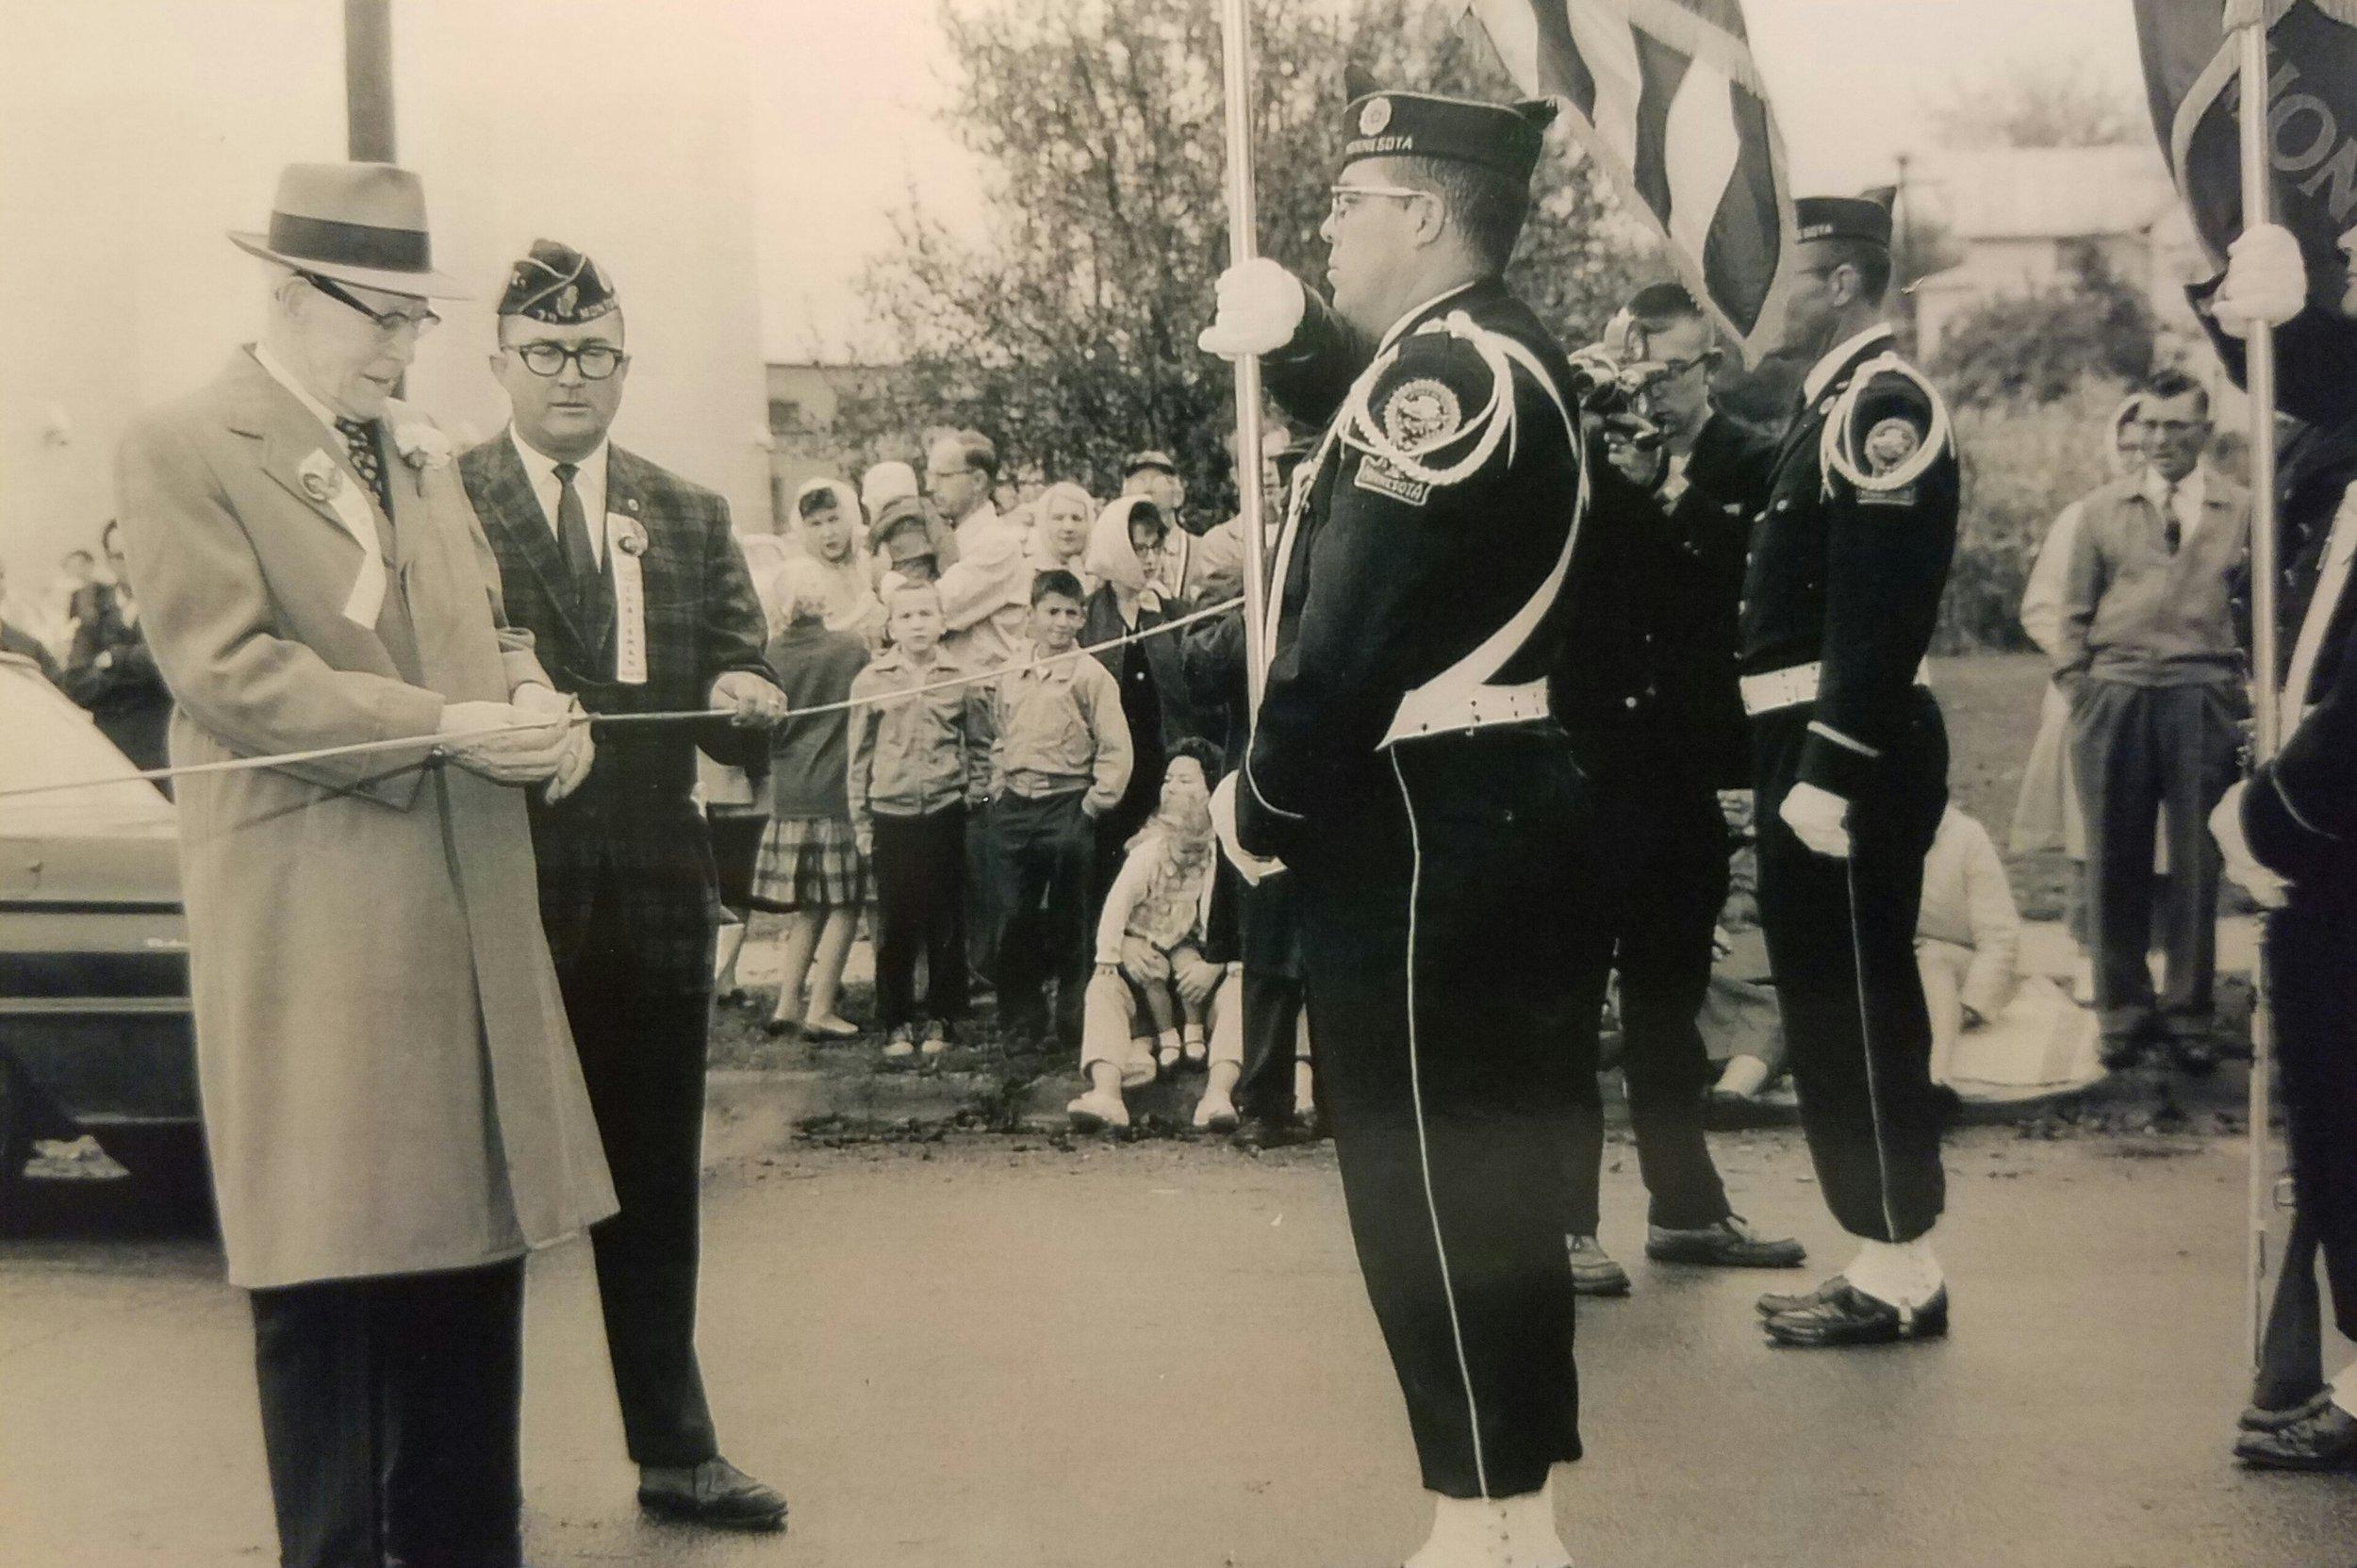 1962 - P.X. Kennedy